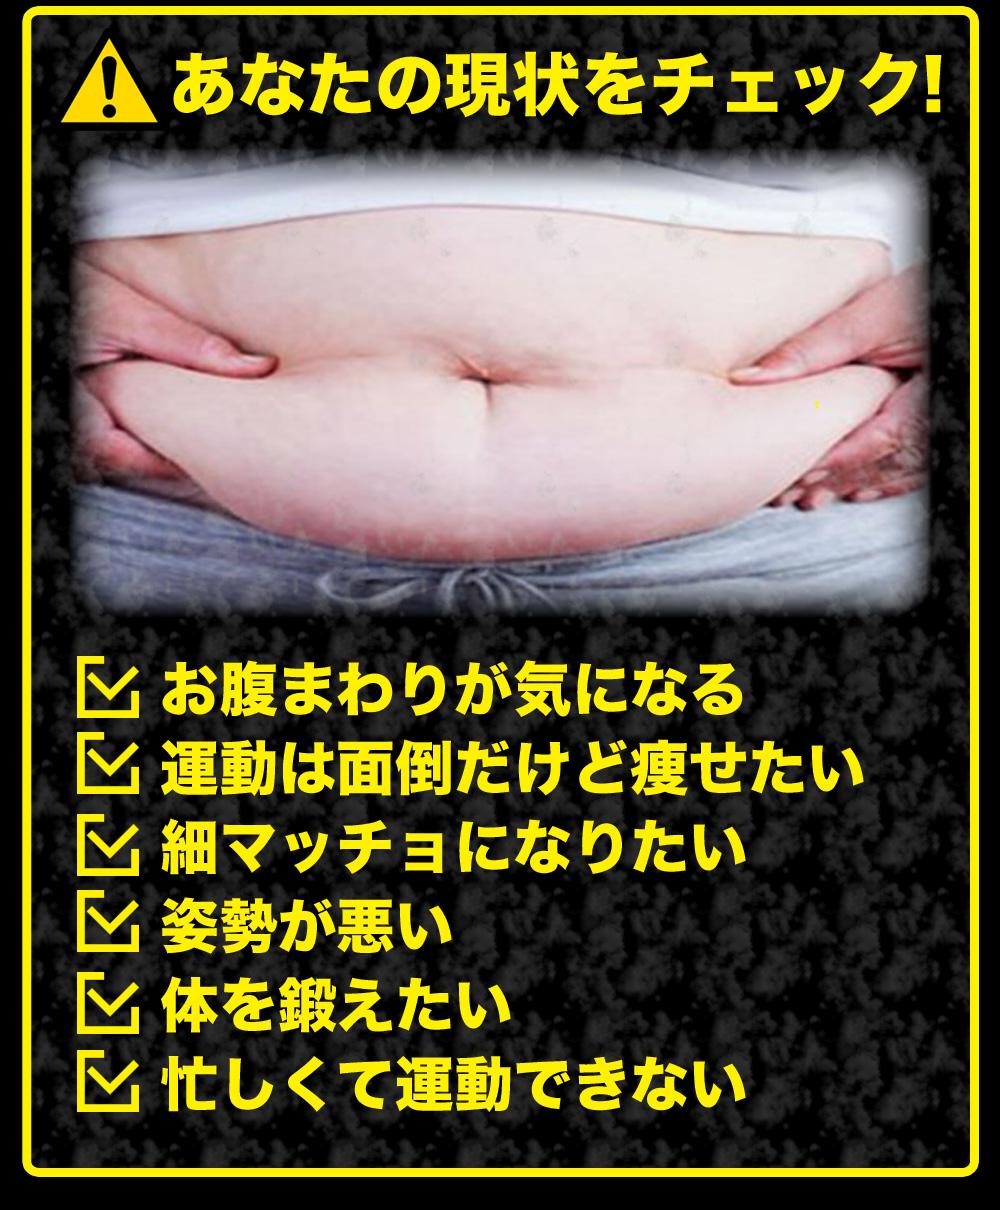 あなたの現状をチェック!お腹まわりが気になる 運動は面倒だけど痩せたい 細マッチョになりたい 姿勢が悪い体を鍛えたい 忙しくて運動できない